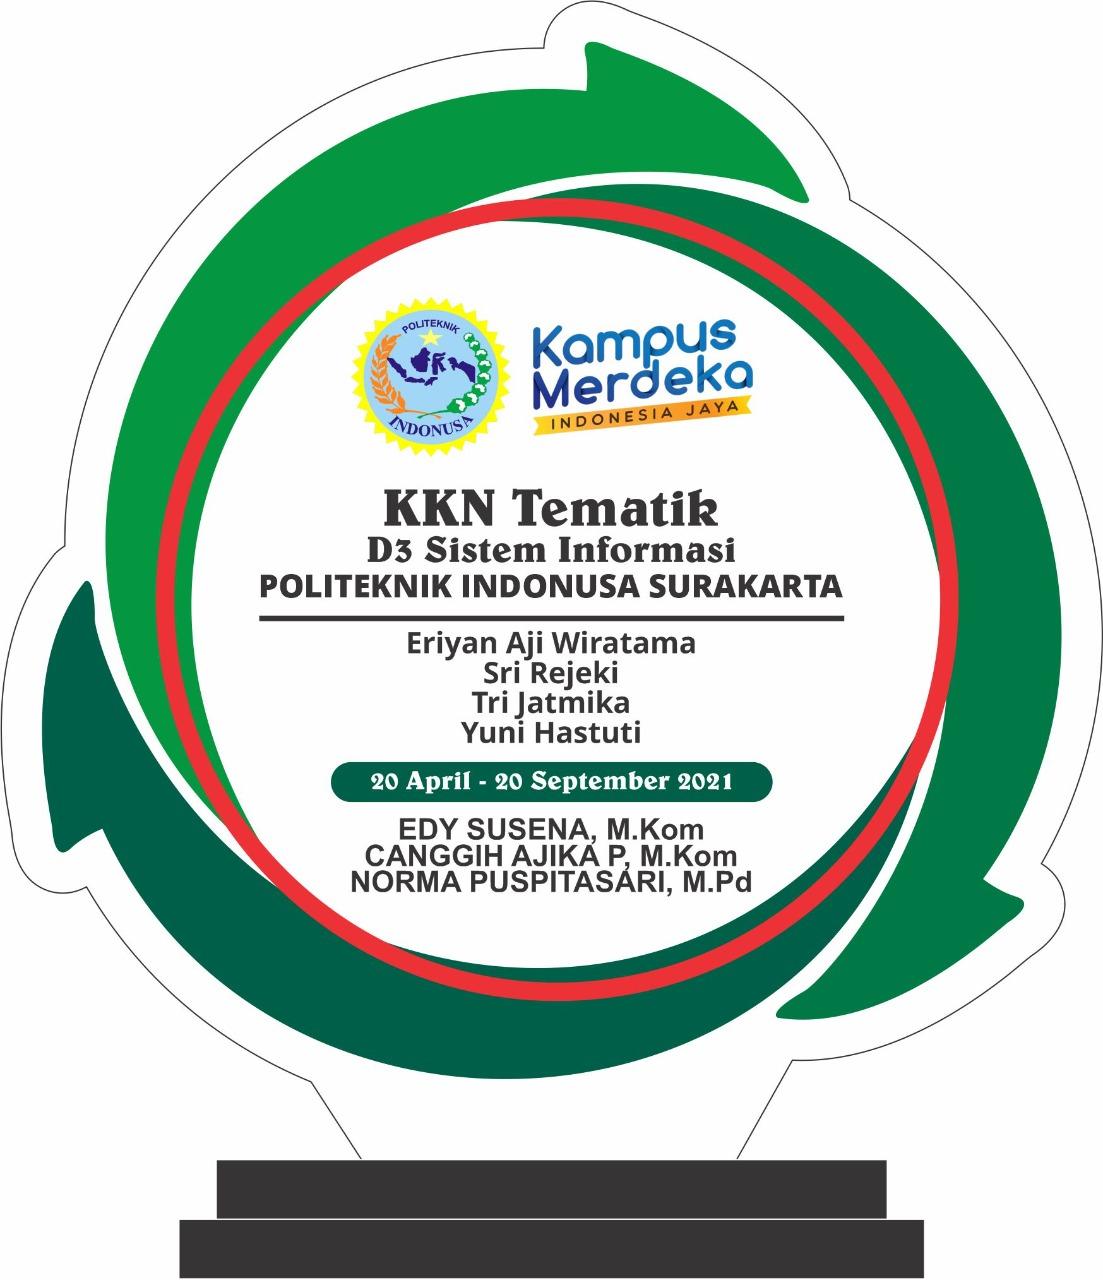 Puncak Kegiatan Mahasiswa KKN Tematik D3 Sistem Informasi Politeknik Indonusa Surakarta